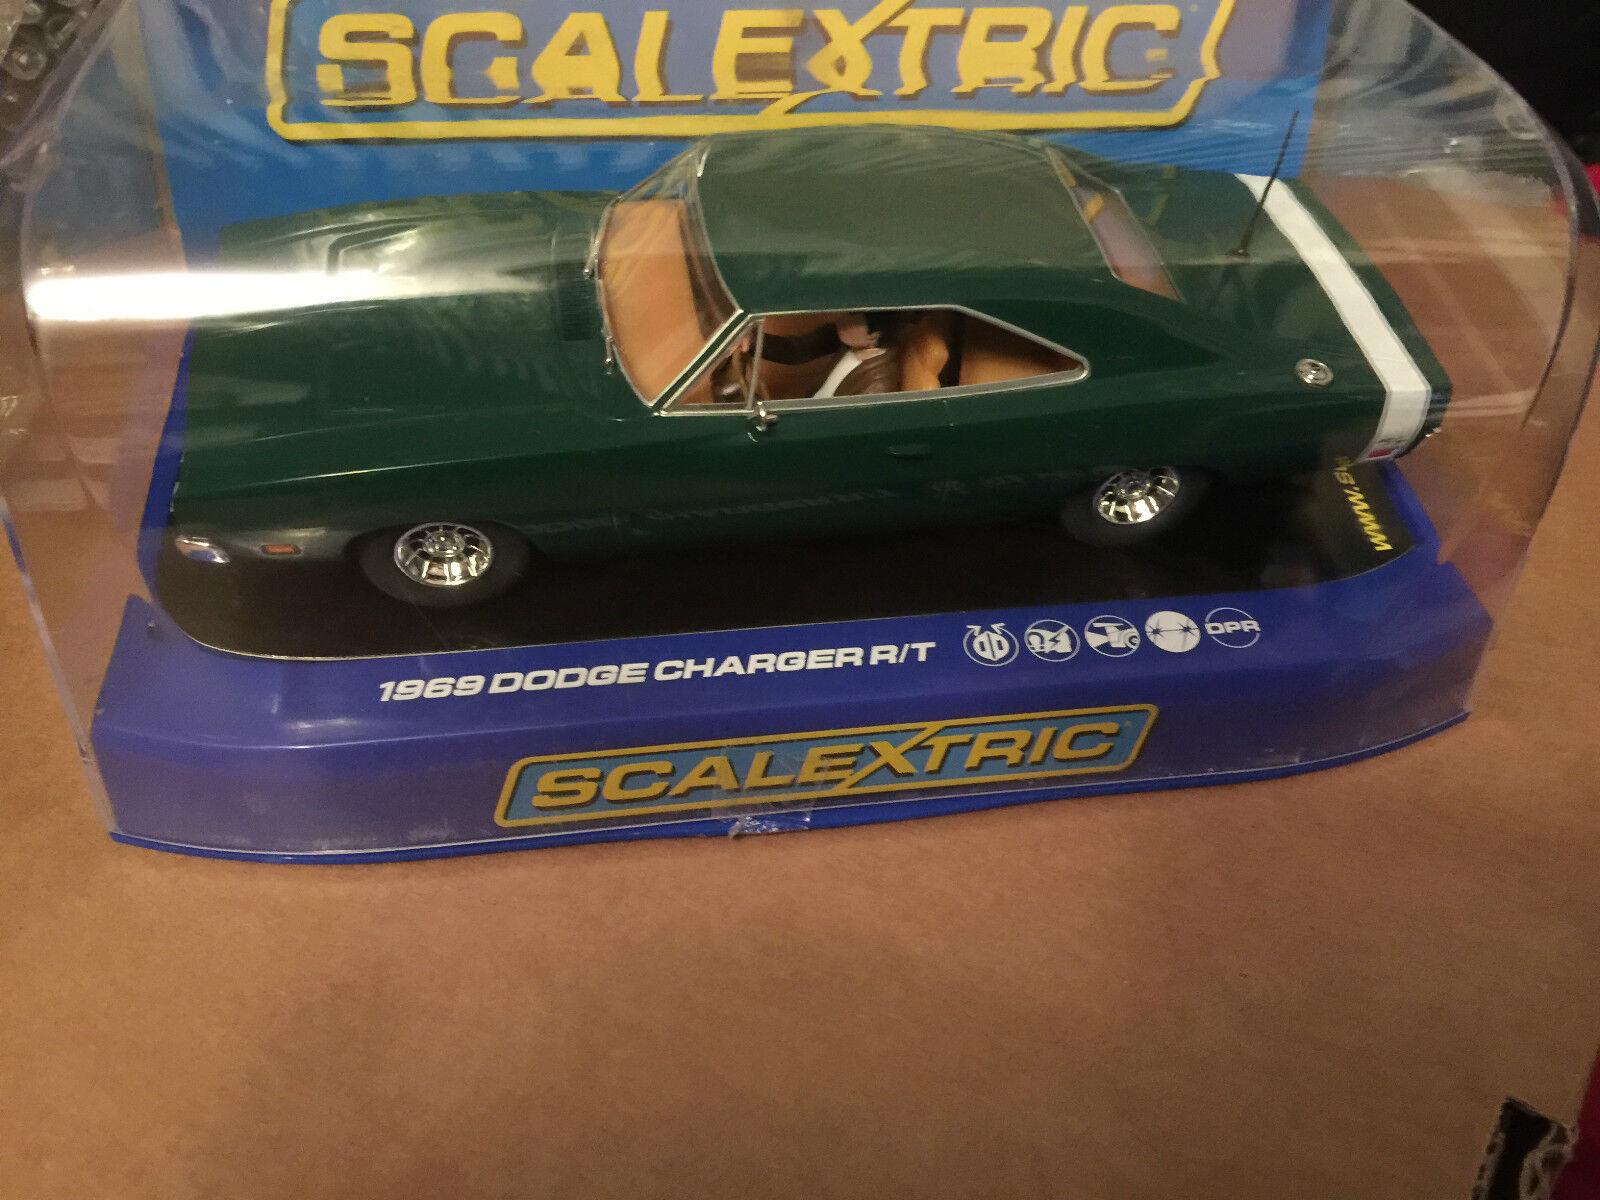 precios mas bajos Mb Scalextric USA 1969 Dodge Cargador Cargador Cargador Bundle x4 Verde, Azul, Negro Y Rojo  80% de descuento